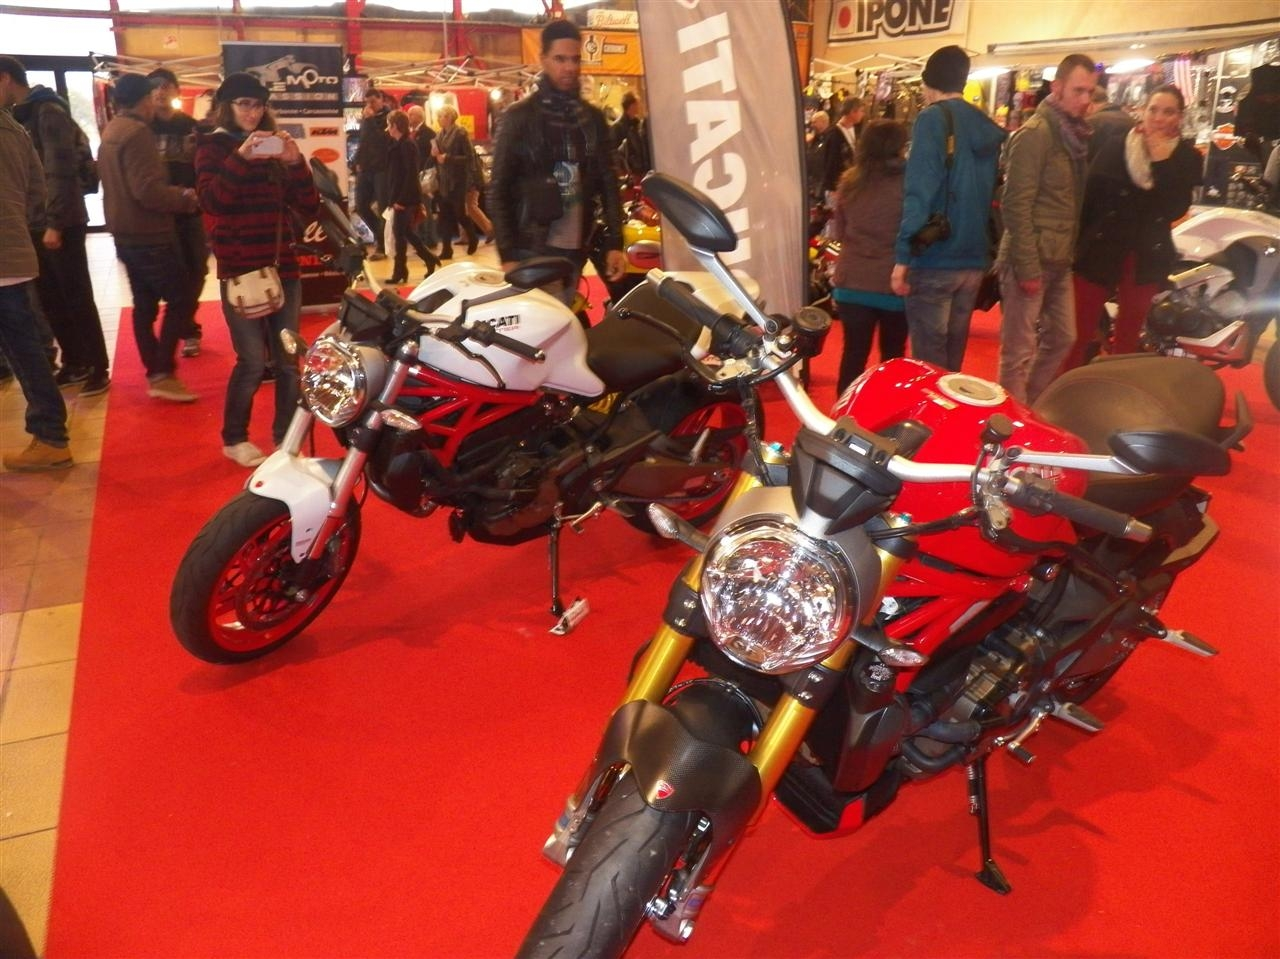 salon de la moto de narbonne ForSalon De La Moto Narbonne